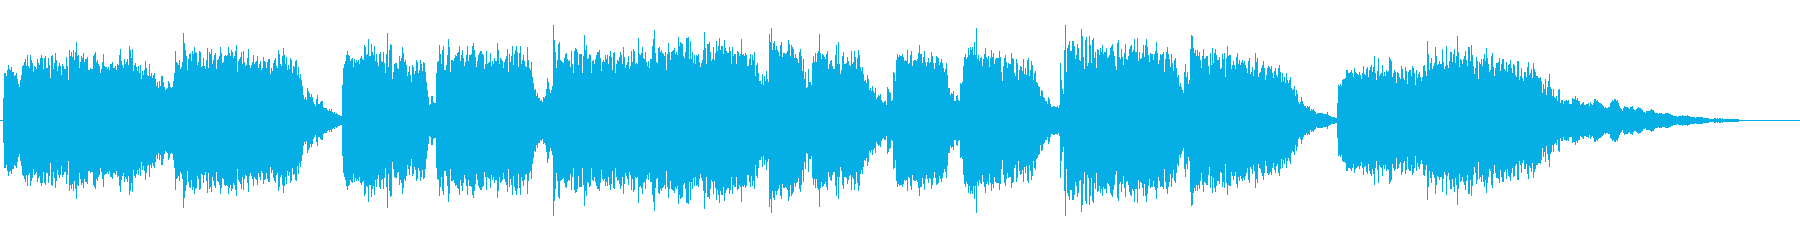 美しく幻想的な民族音楽の再生済みの波形